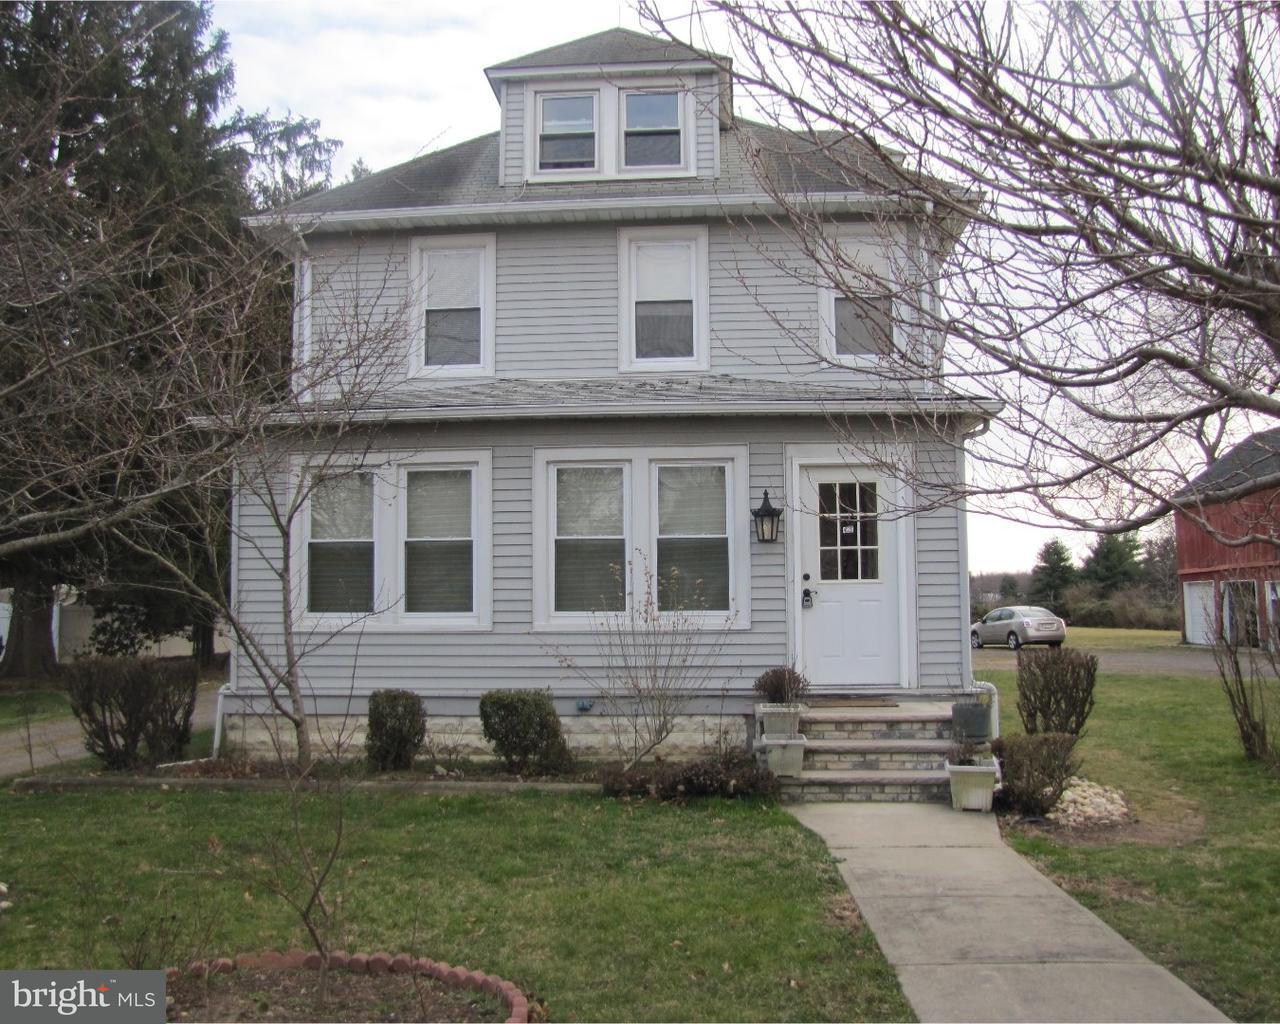 Casa Unifamiliar por un Venta en 425 RIDGE Road Dayton, Nueva Jersey 08810 Estados UnidosEn/Alrededor: South Brunswick Township